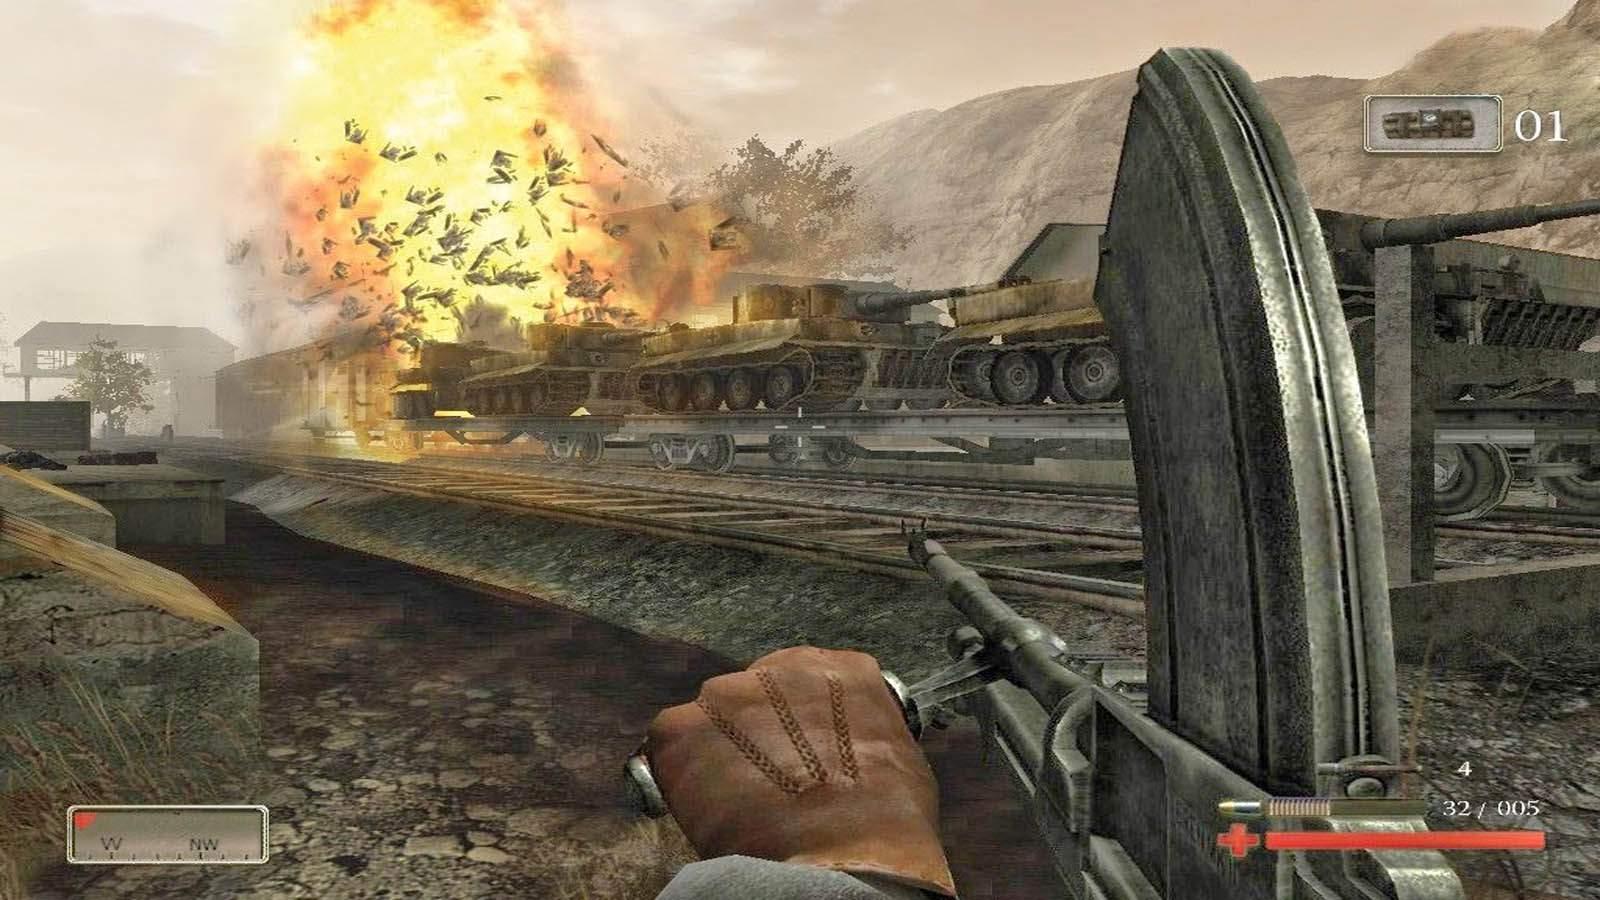 تحميل لعبة Battlestrike Force Of Resistance مضغوطة برابط واحد مباشر كاملة مجانا